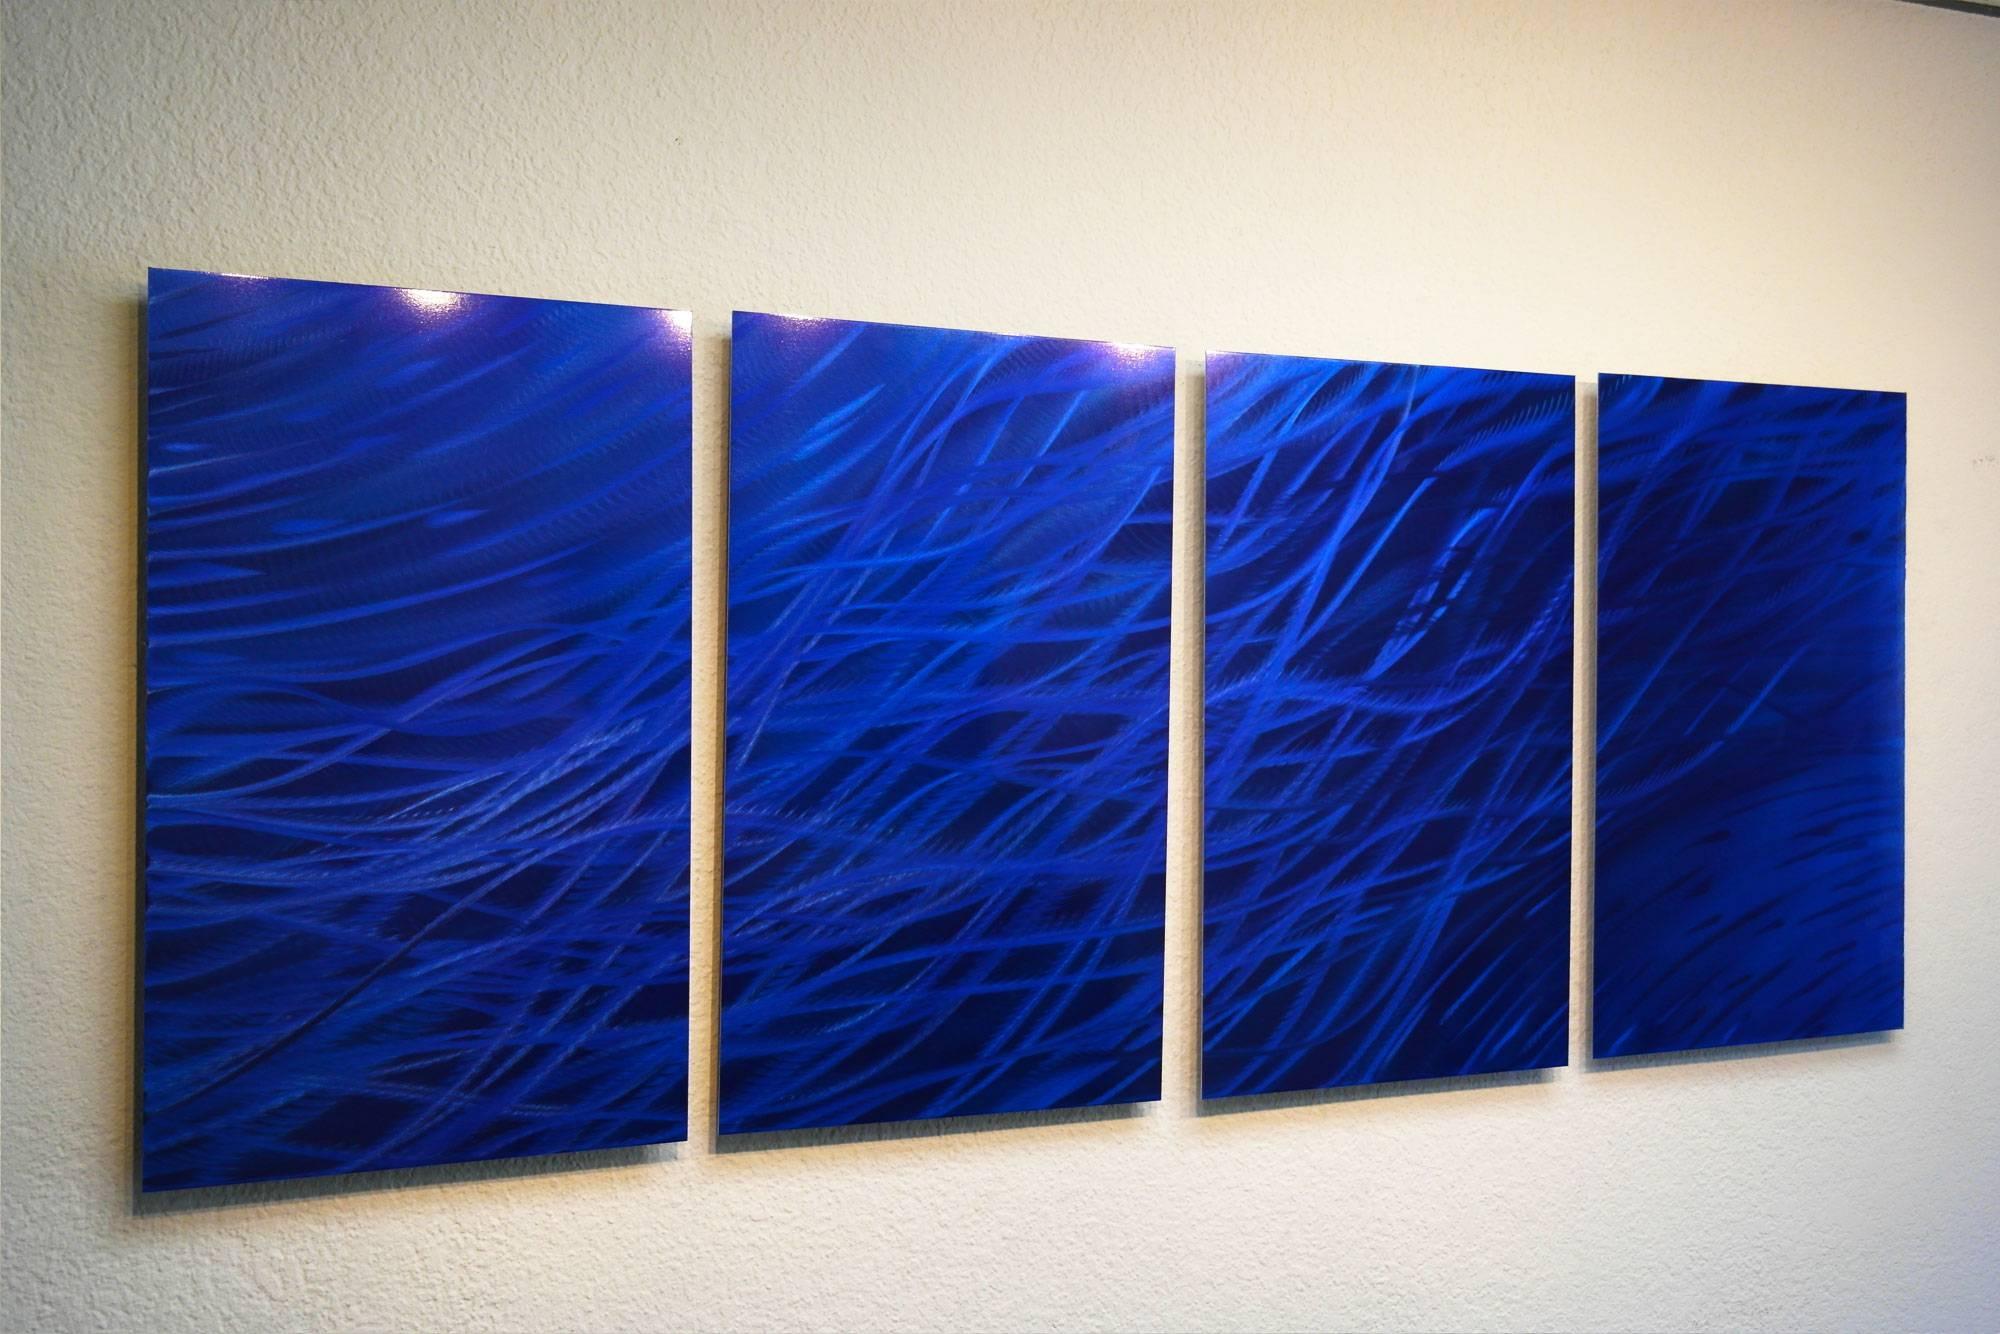 Ocean Dark Blue – Metal Wall Art Abstract Sculpture Modern Decor With Latest Dark Blue Wall Art (View 12 of 20)